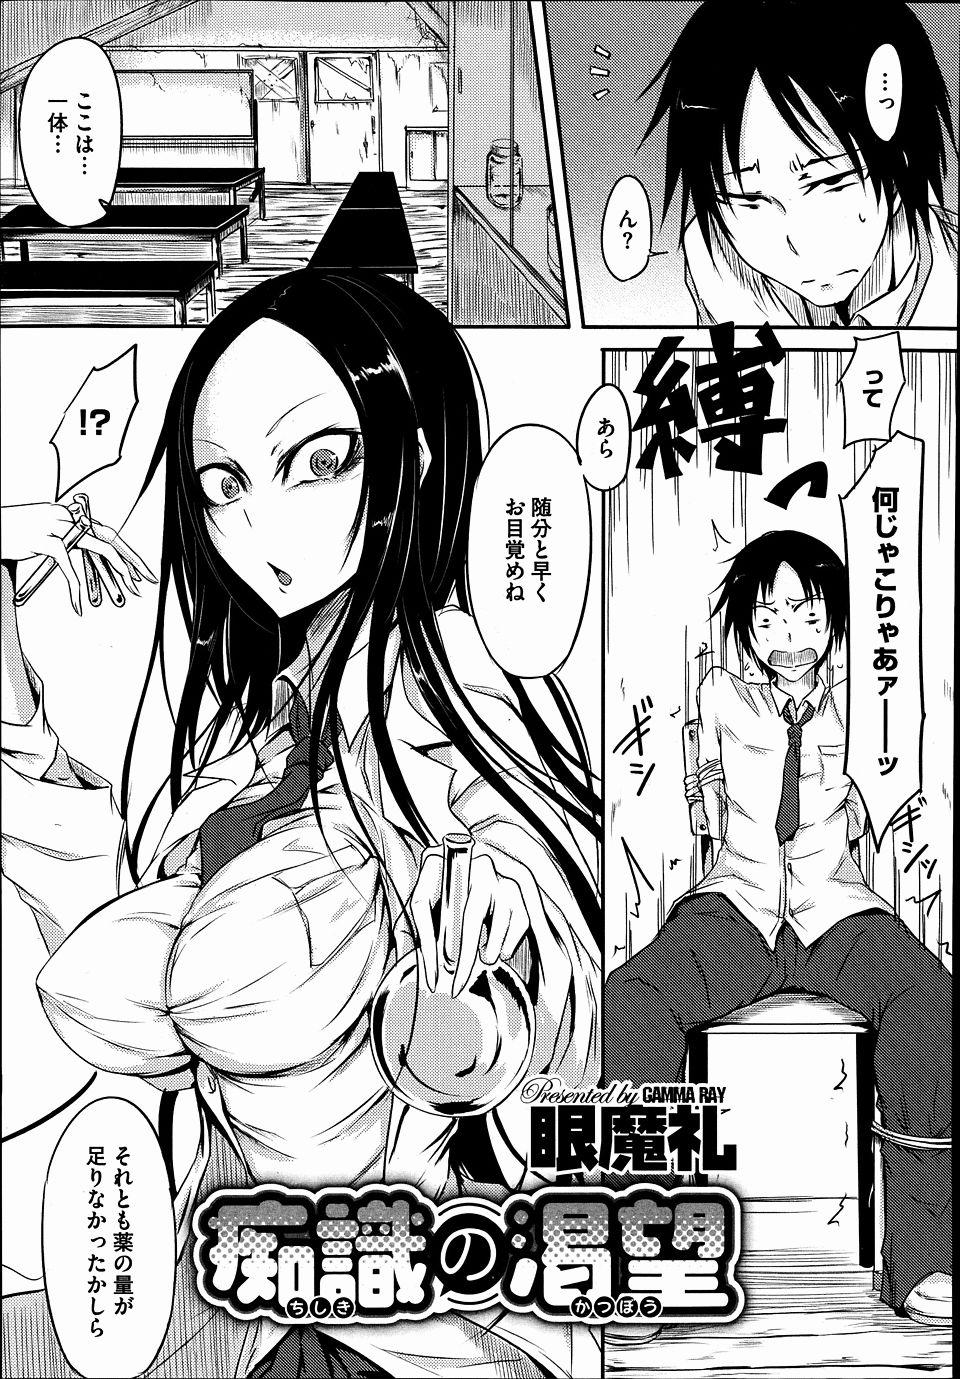 【エロ漫画・エロ同人】巨乳の科学部員に拘束されて痴女られてるンゴwww (1)